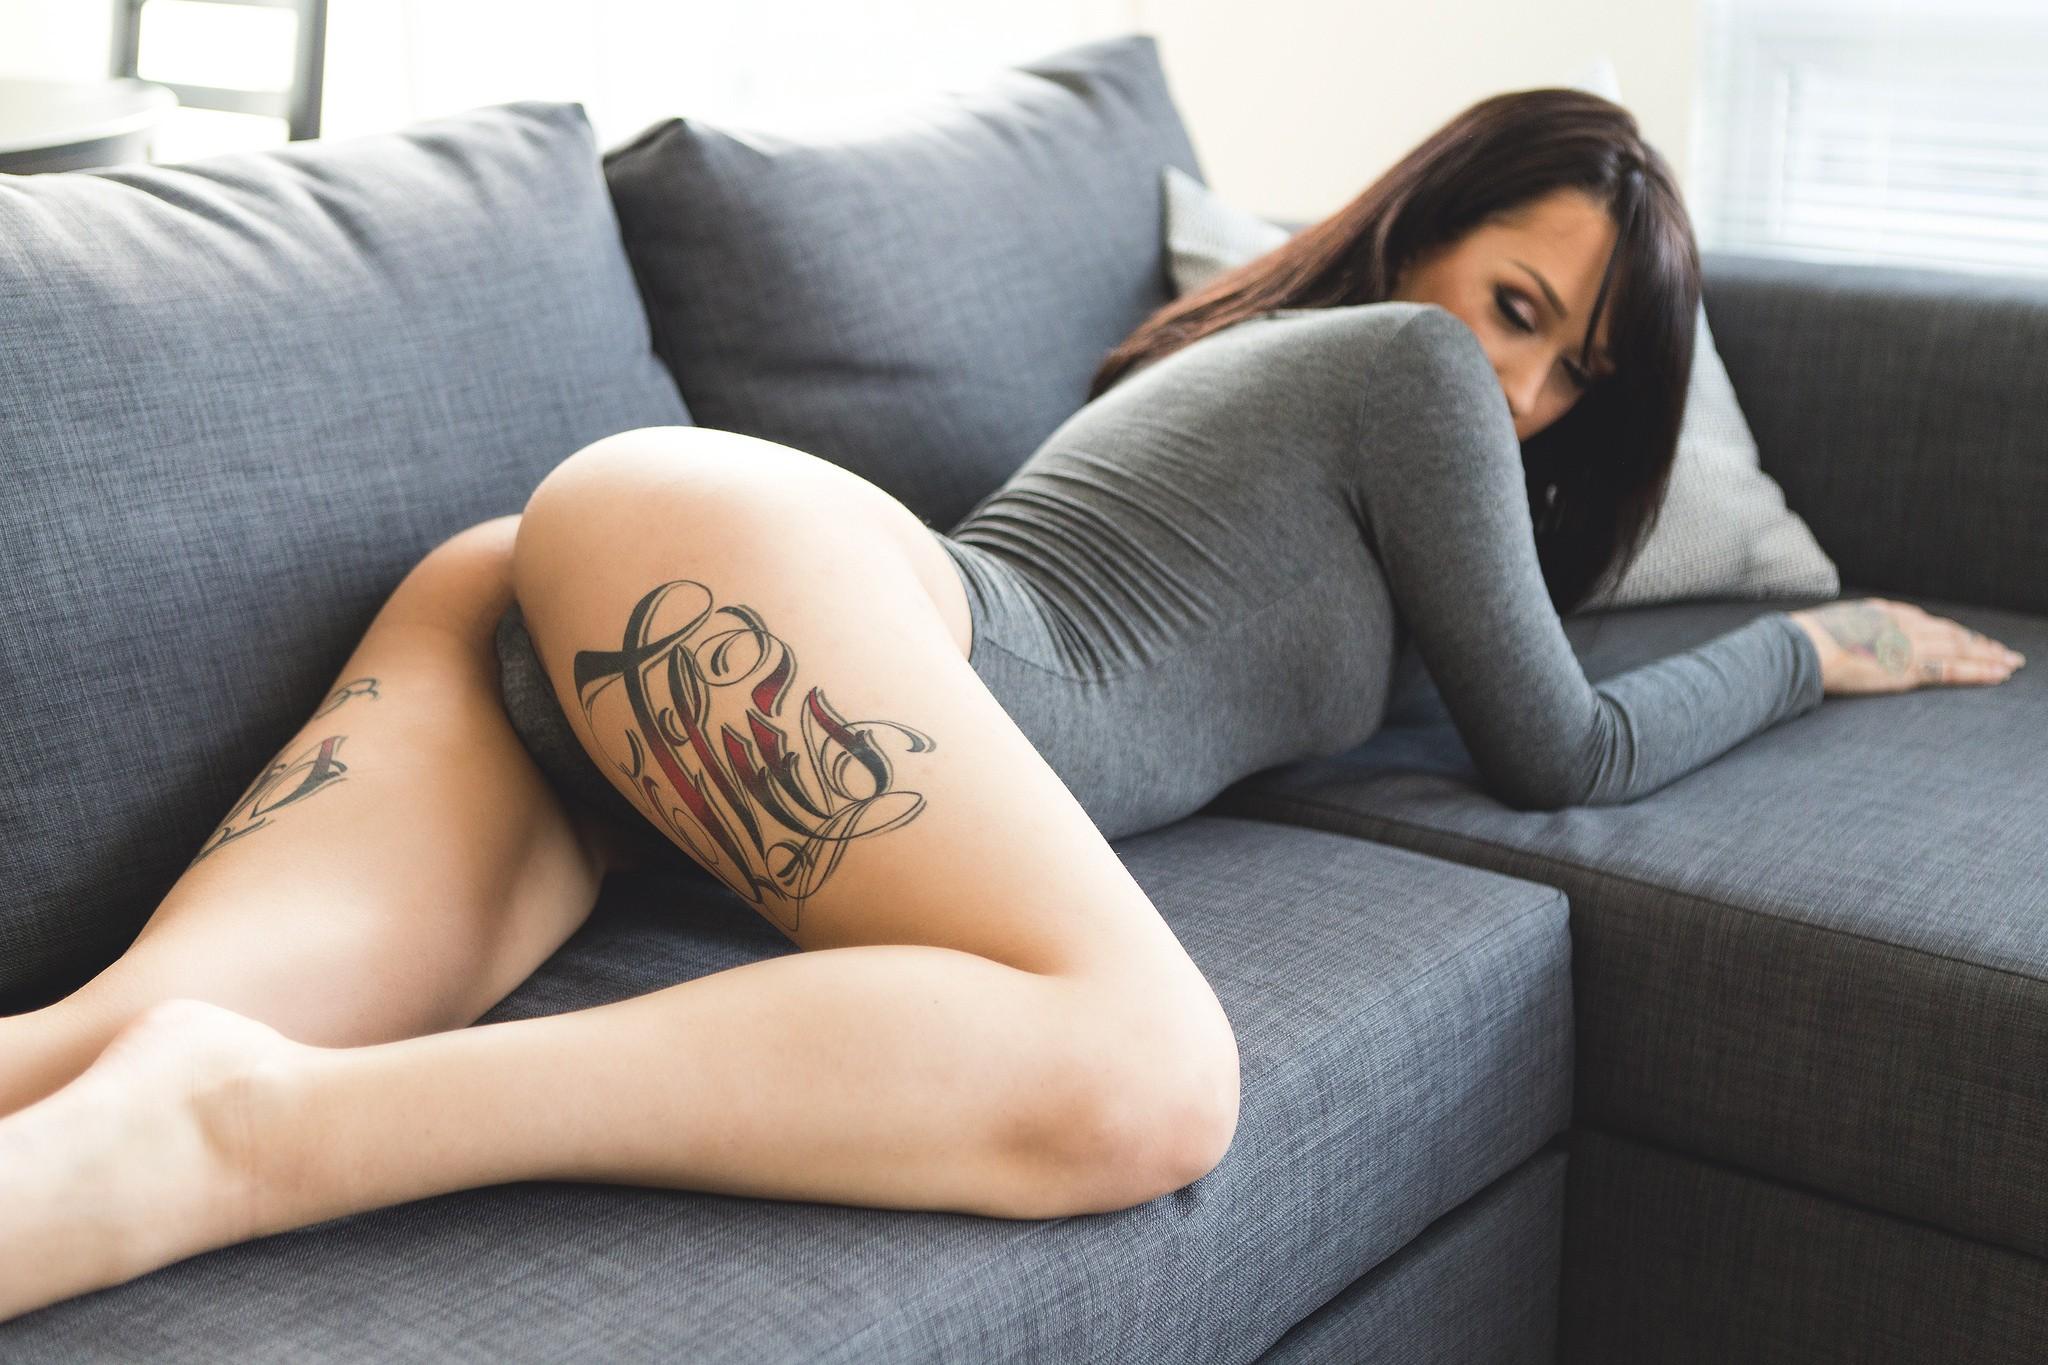 Pornstar named henna